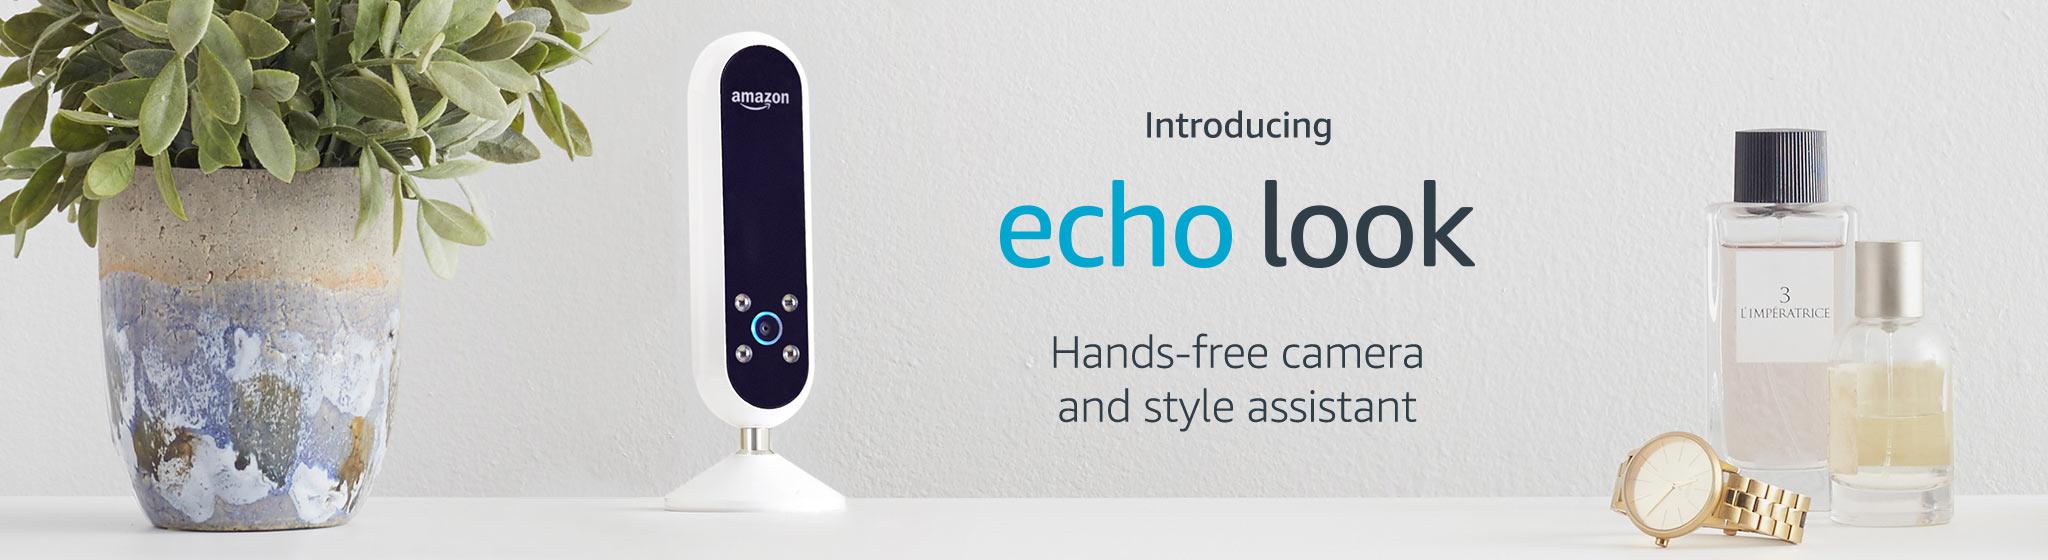 Introducing echo look